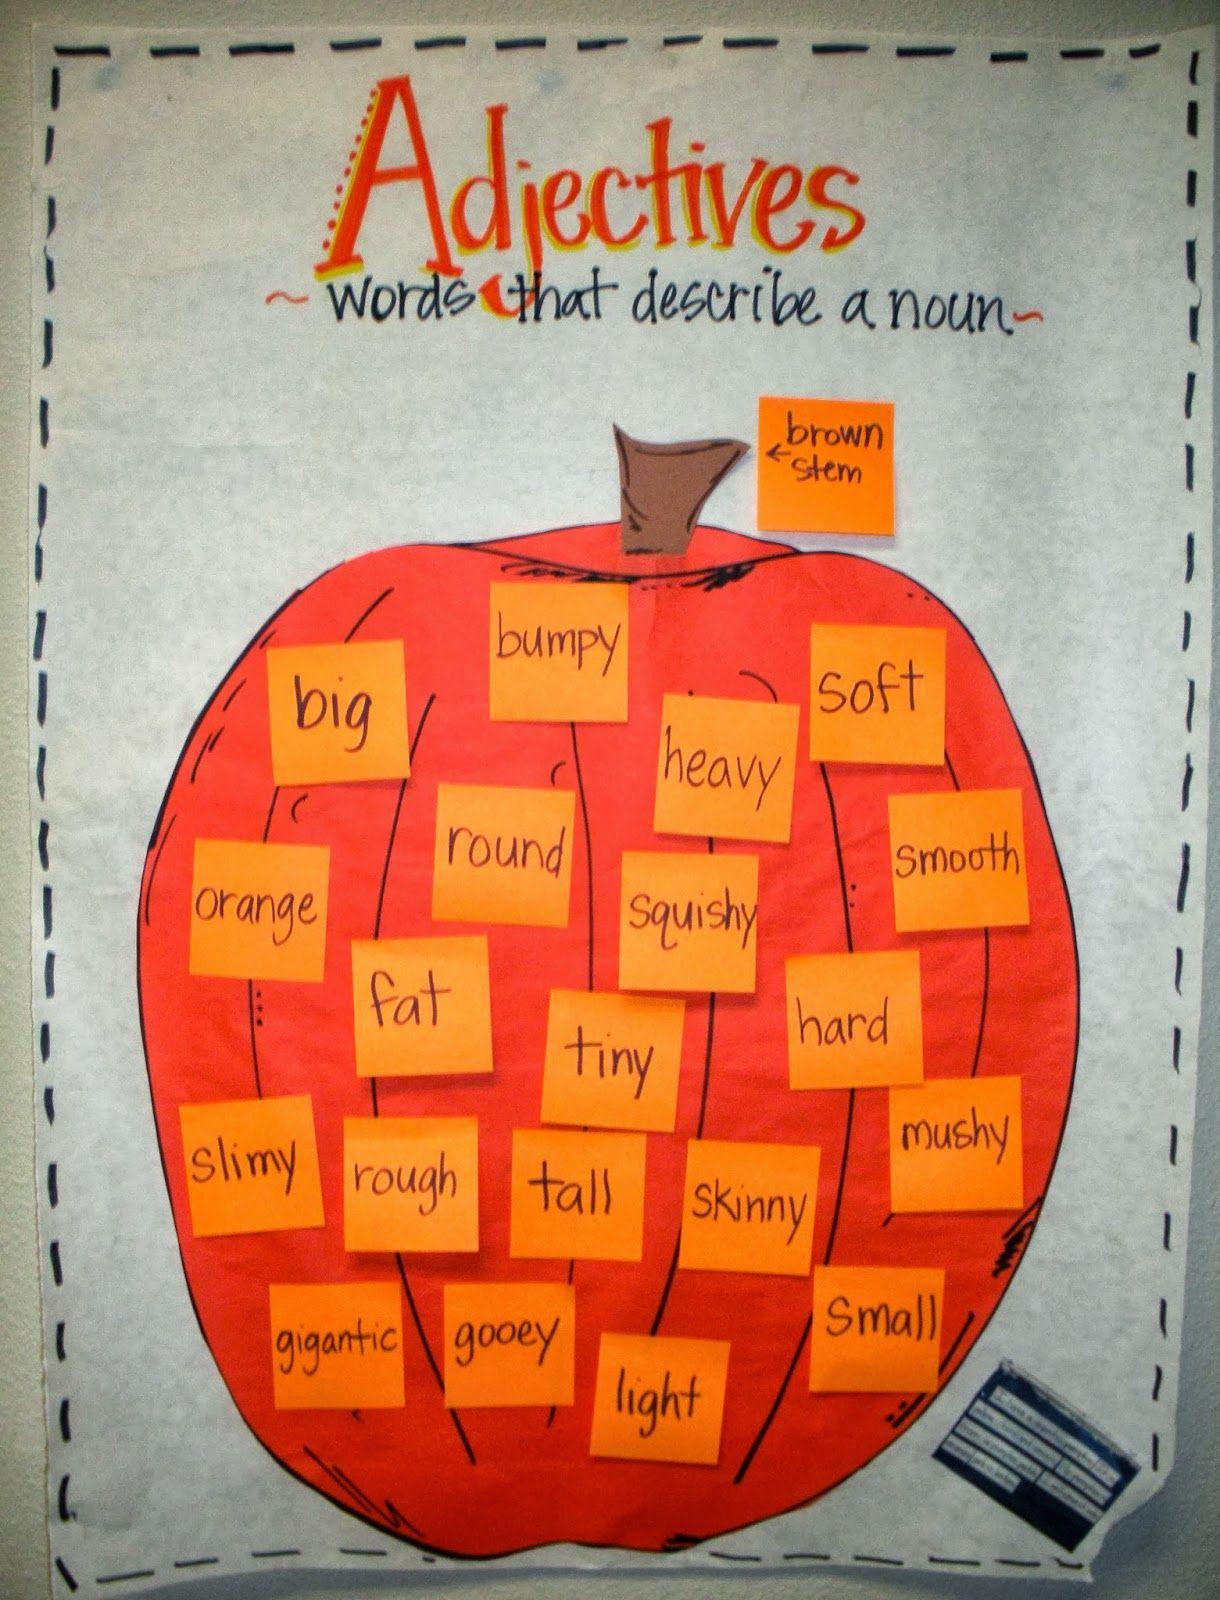 Pumpkin Adjectives Fun Way To Build Vocabulary